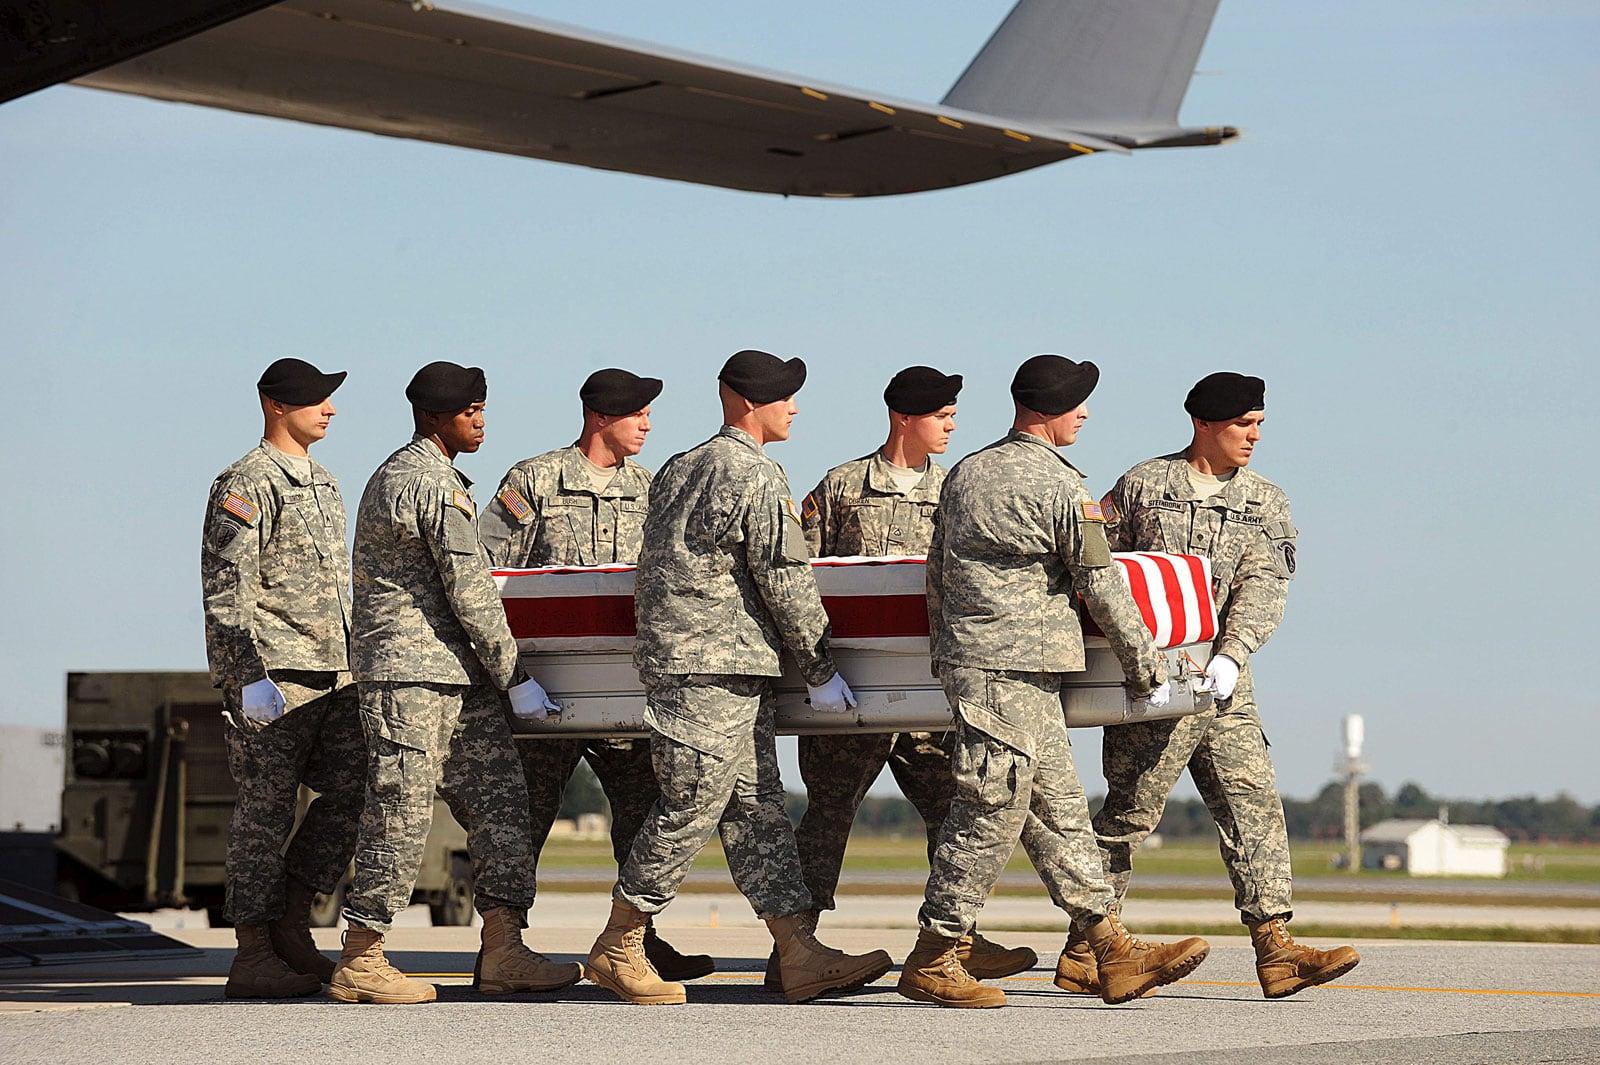 Trasllat del cos d'un soldat dels Estats Units mort en combat a l'Afganistan, el 2009. Fotografia de Michael Reynols. EPA.